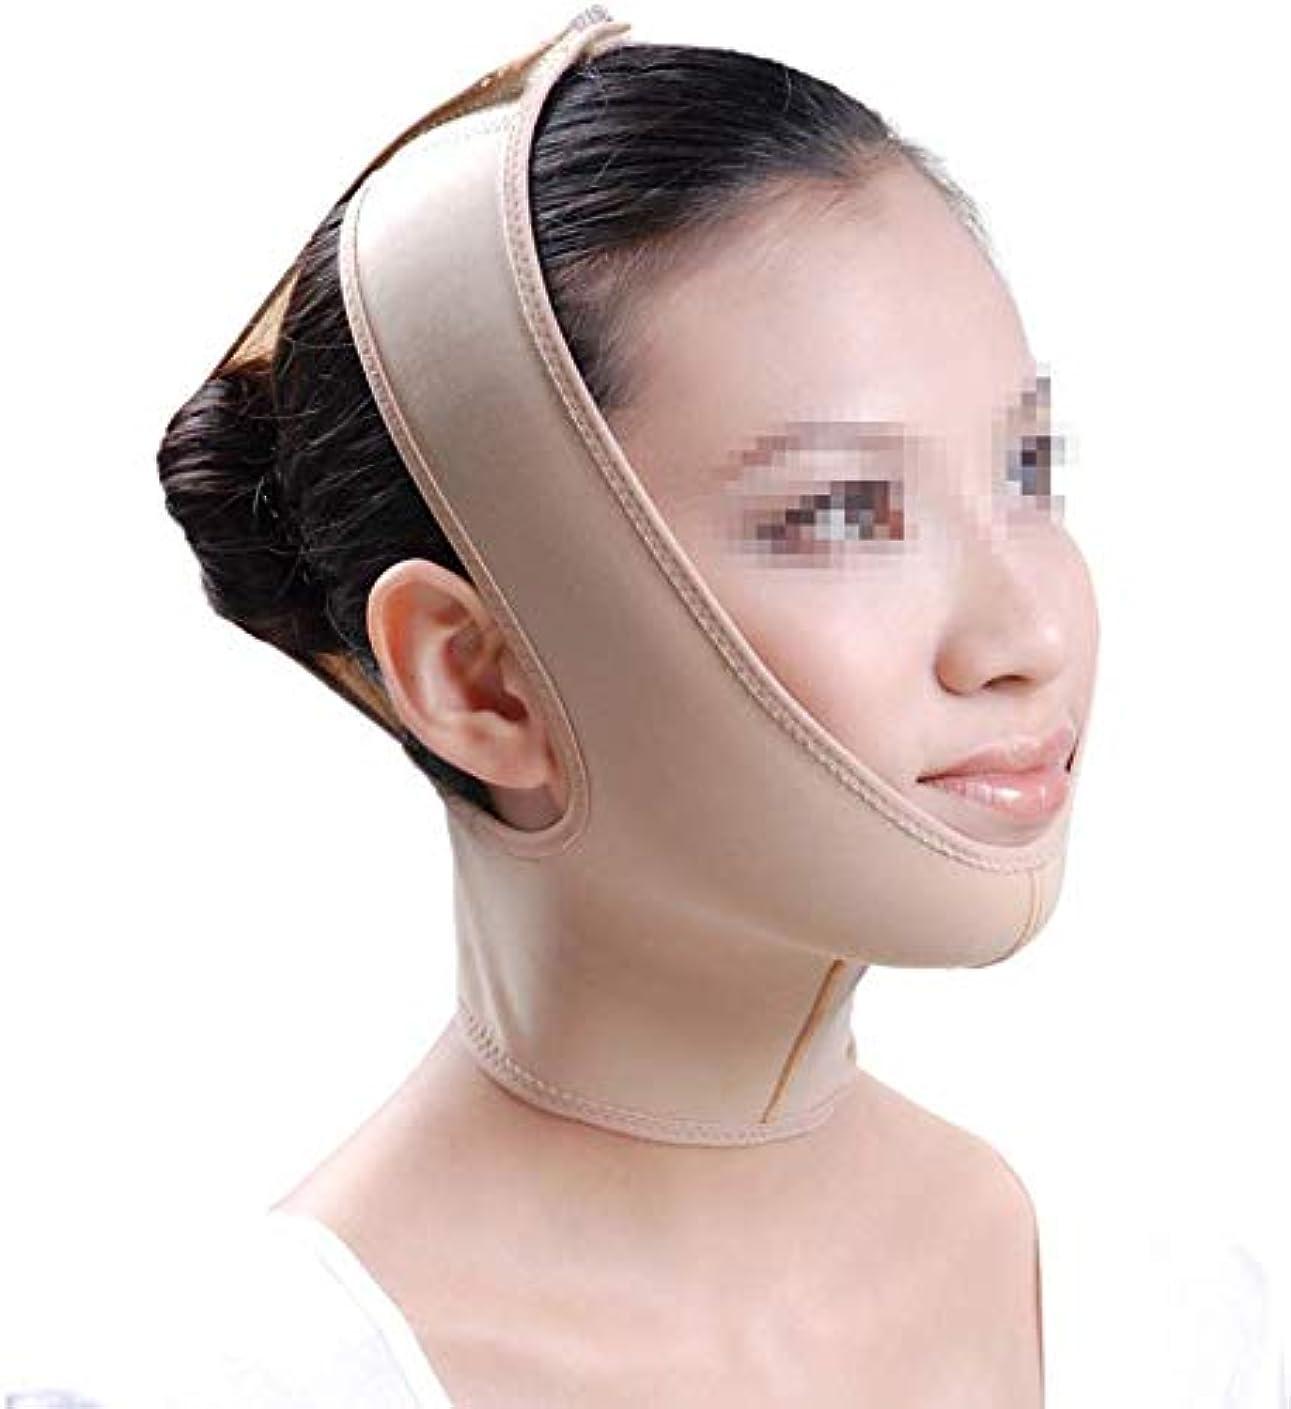 くしゃくしゃ不規則な居住者Slim身Vフェイスマスク、フェイスリフトマスク、顎首スリーブ首二重あご顔医療脂肪吸引手術傷フェイスマスクヘッド弾性スリーブ(サイズ:L)